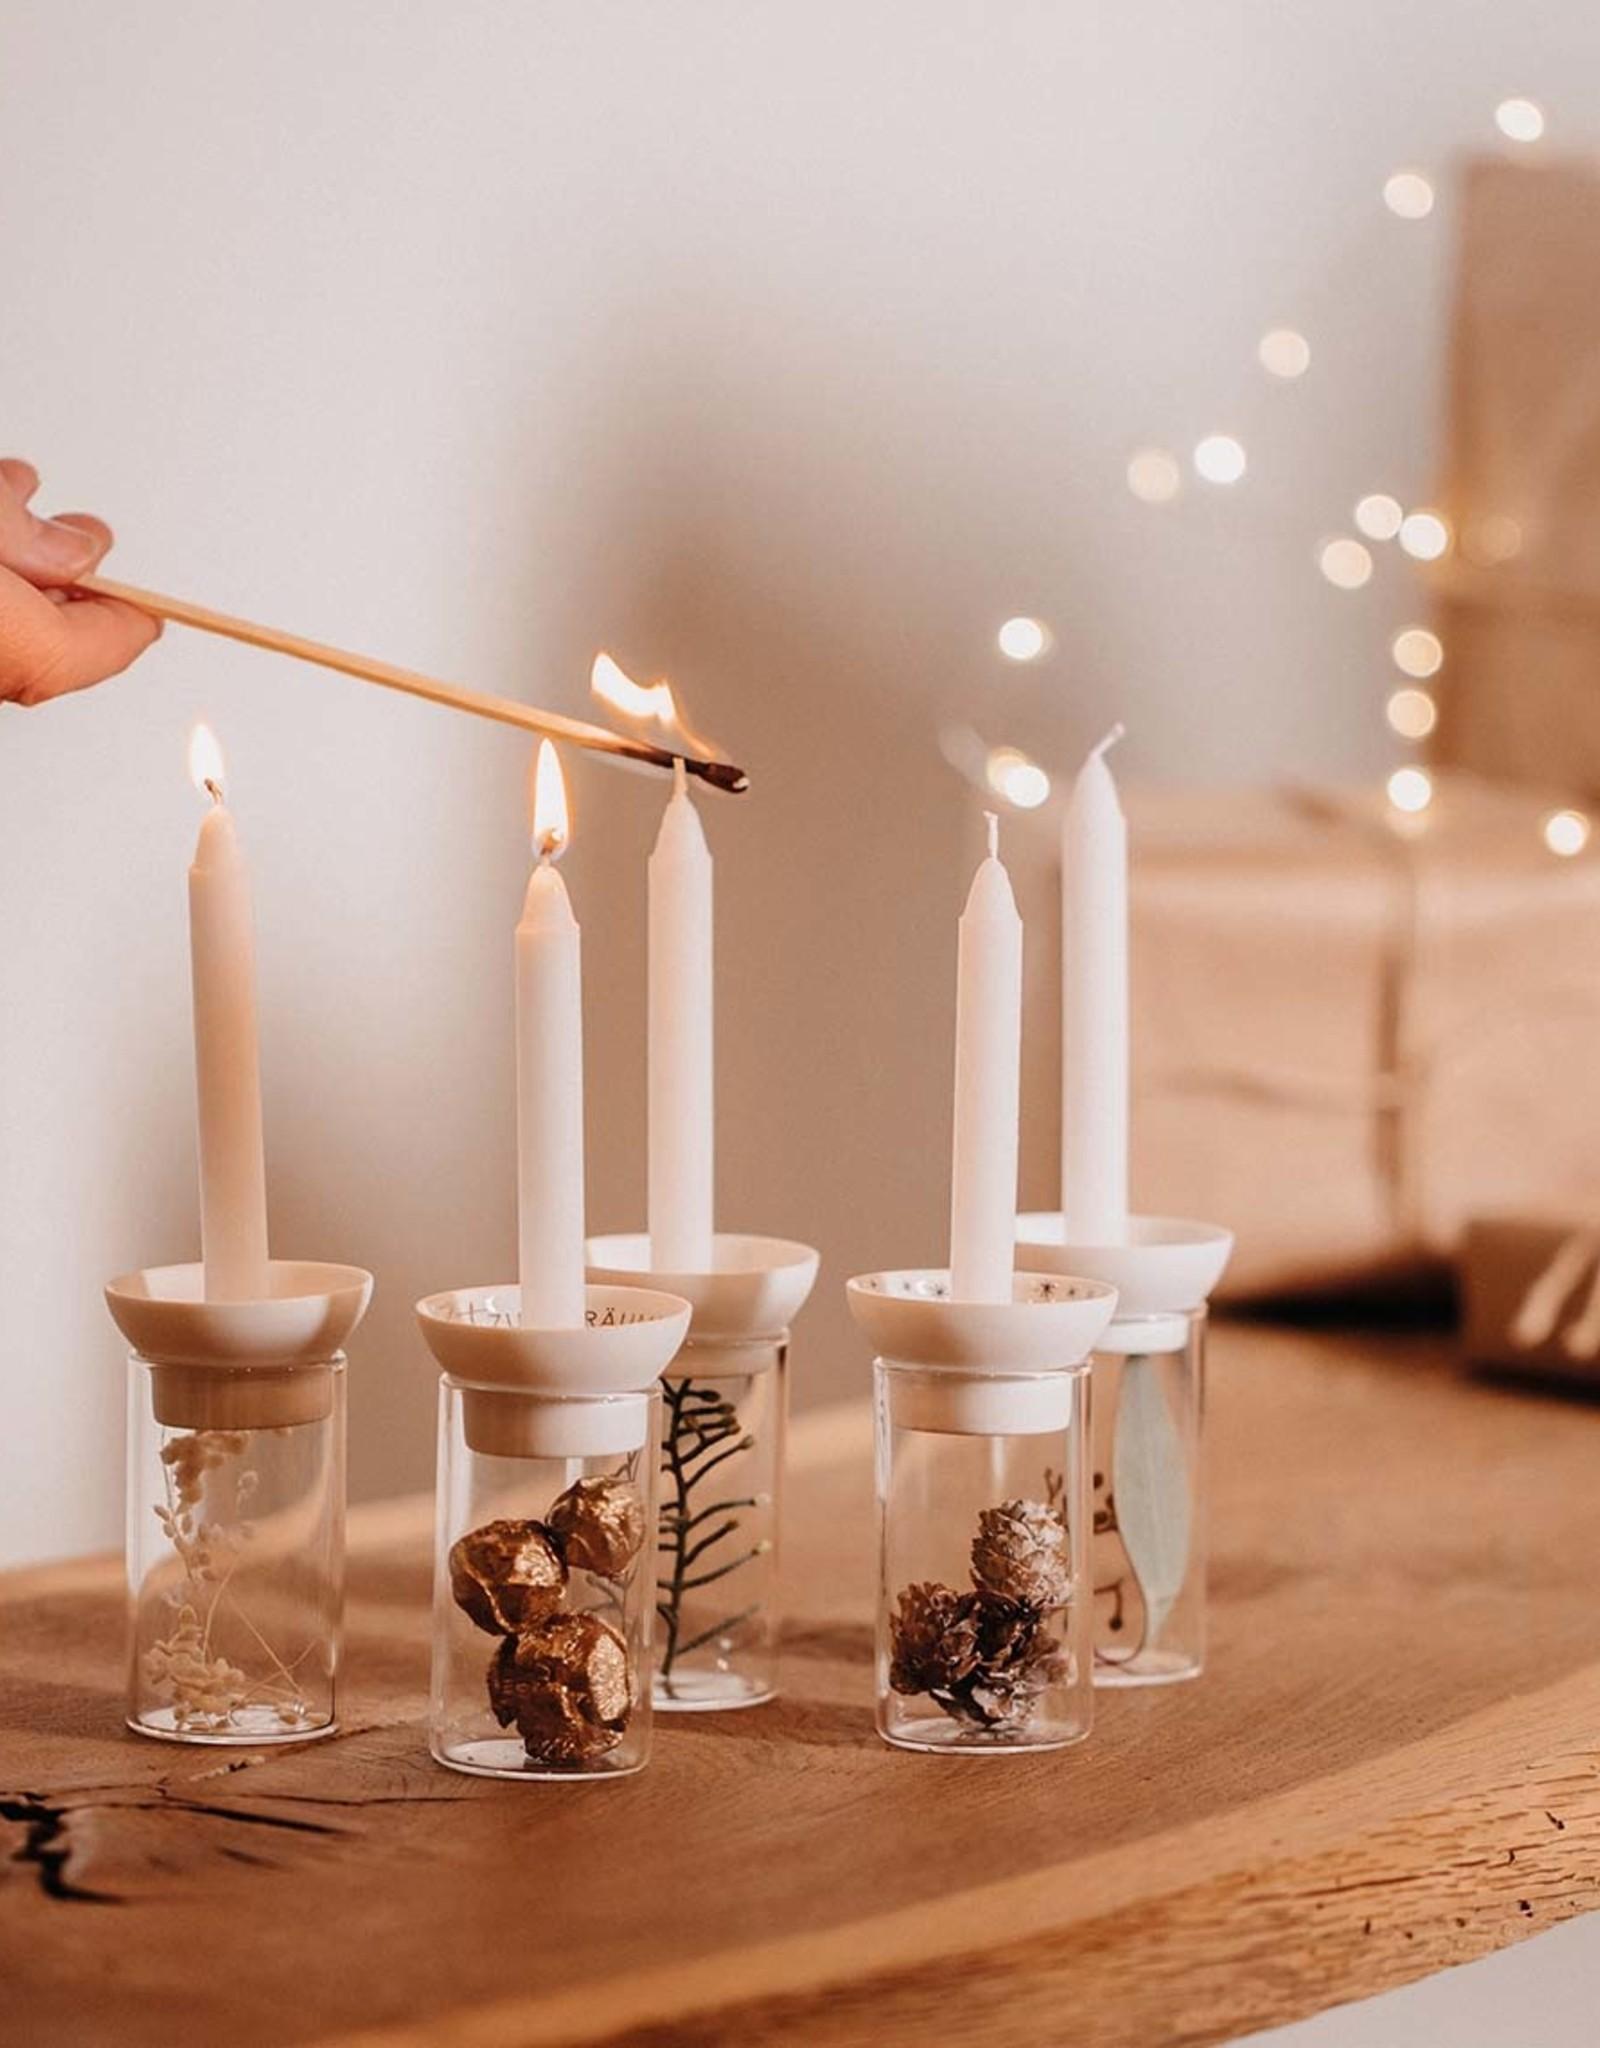 Räder Rader - Candle glass deco